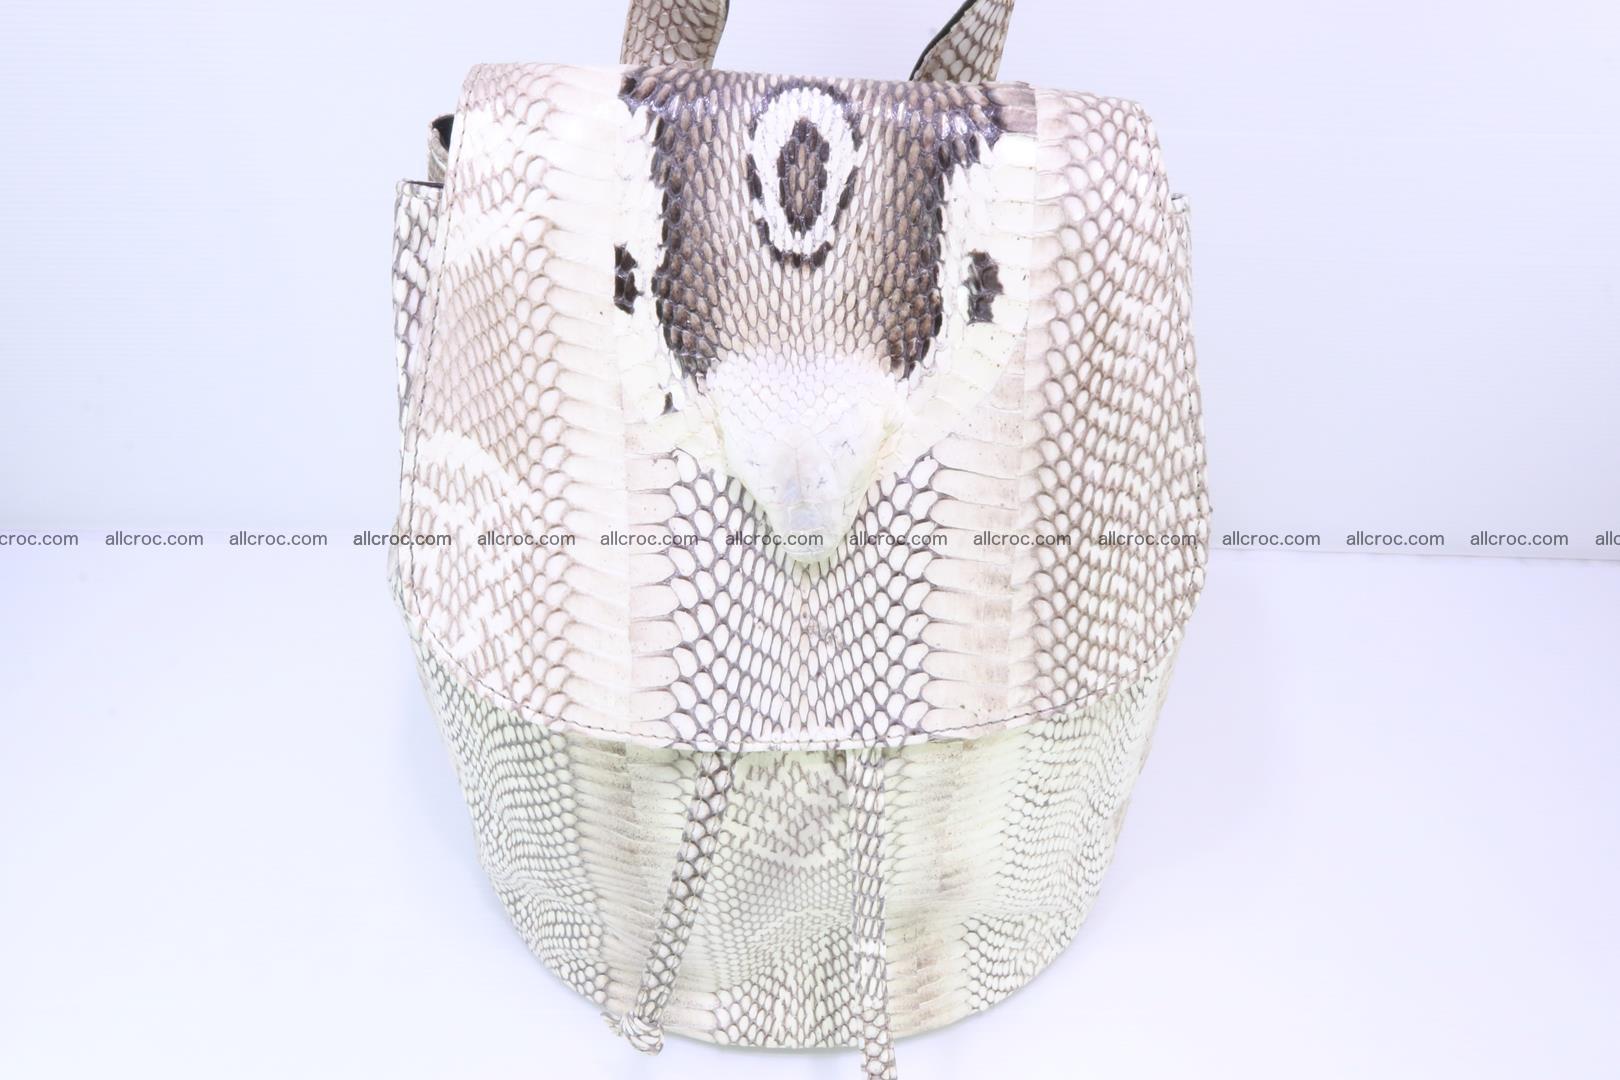 Cobra skin backpack with head of cobra 187 Foto 1